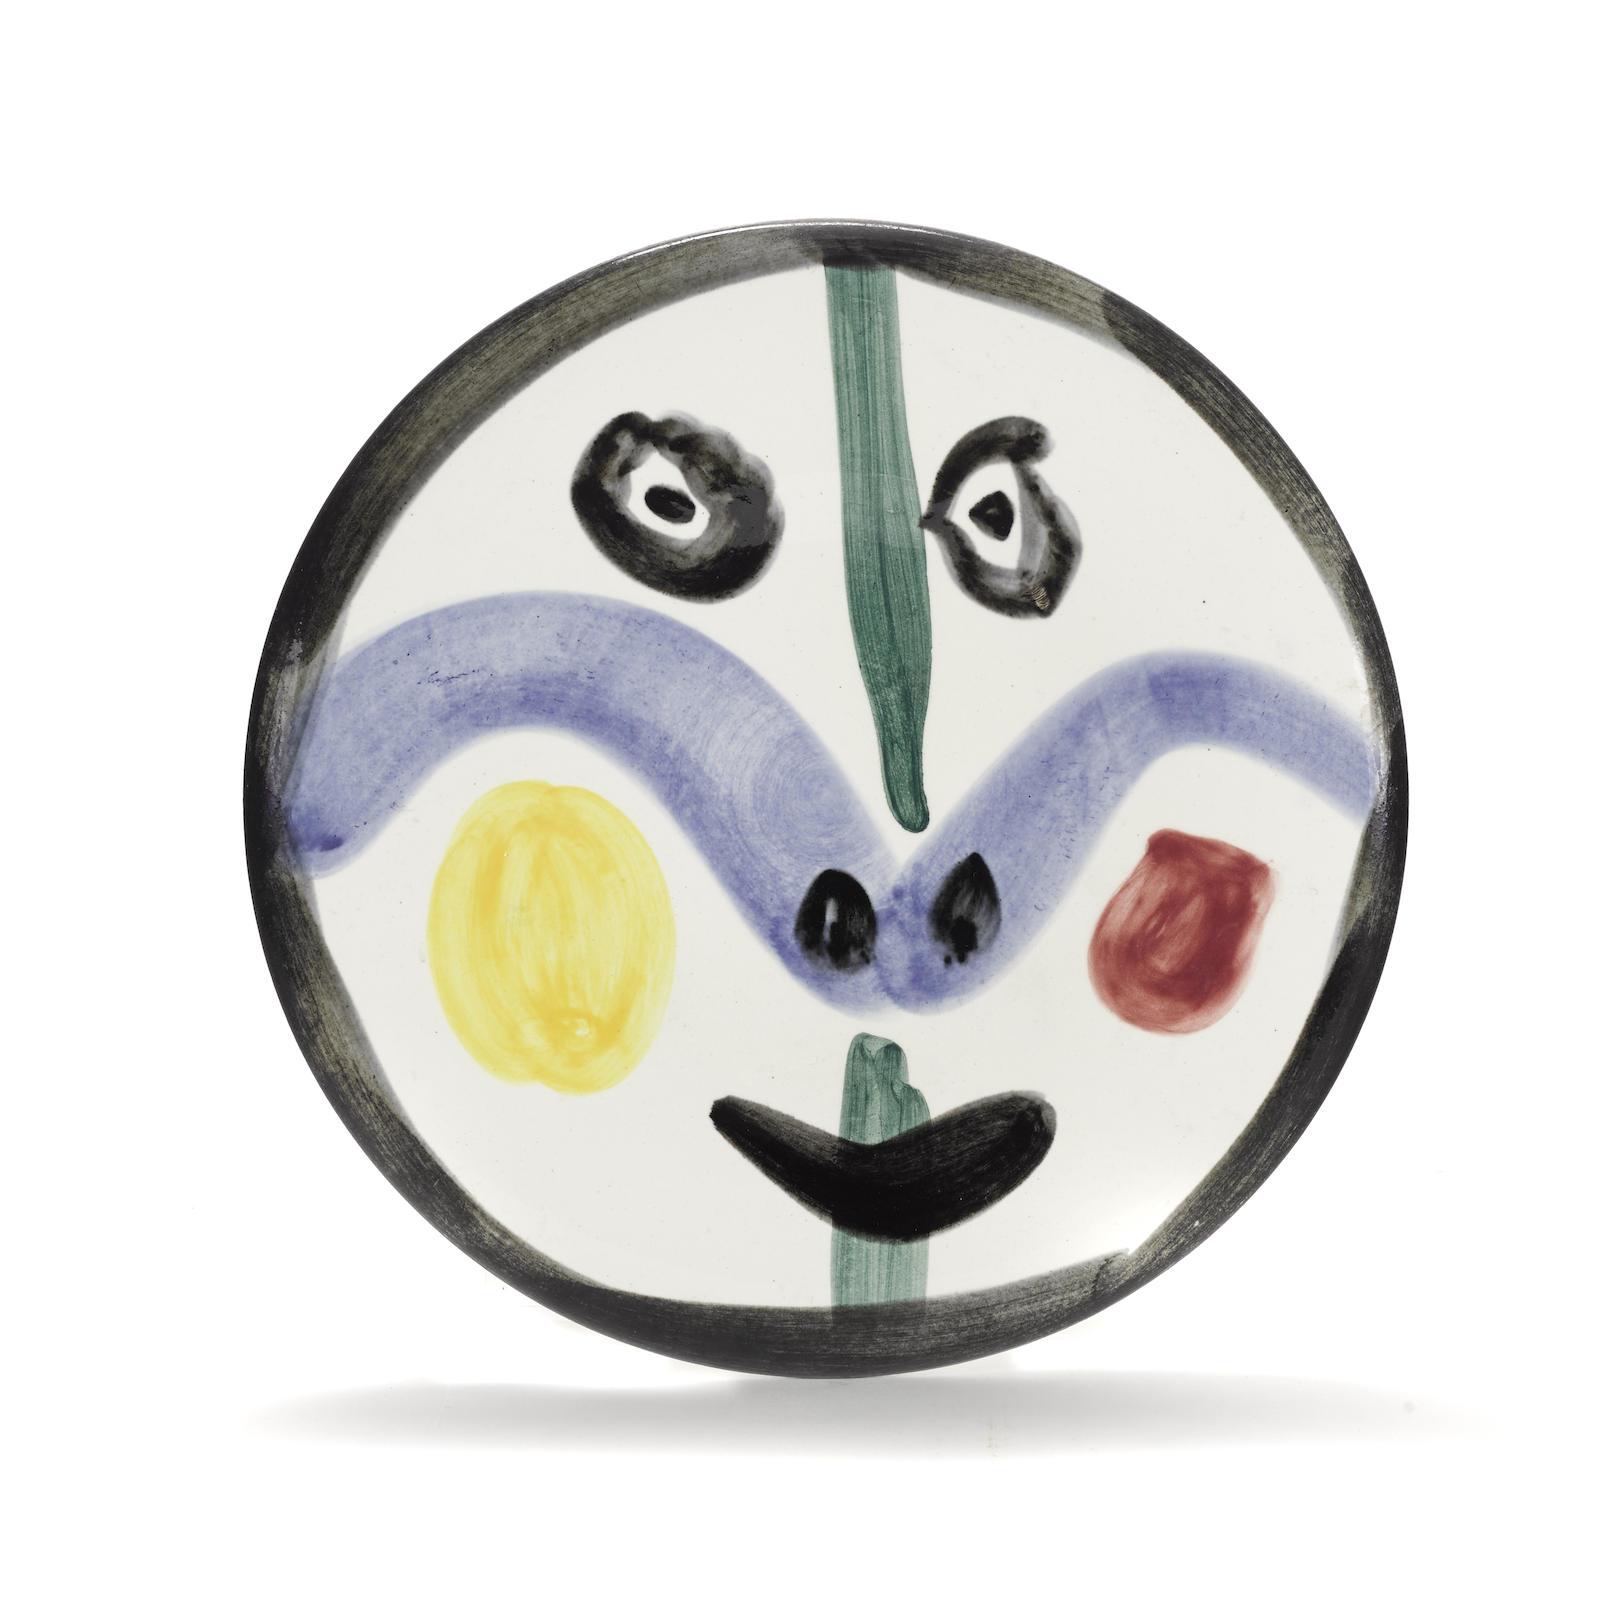 Pablo Picasso-Face No. 0 (A.R. 458)-1963